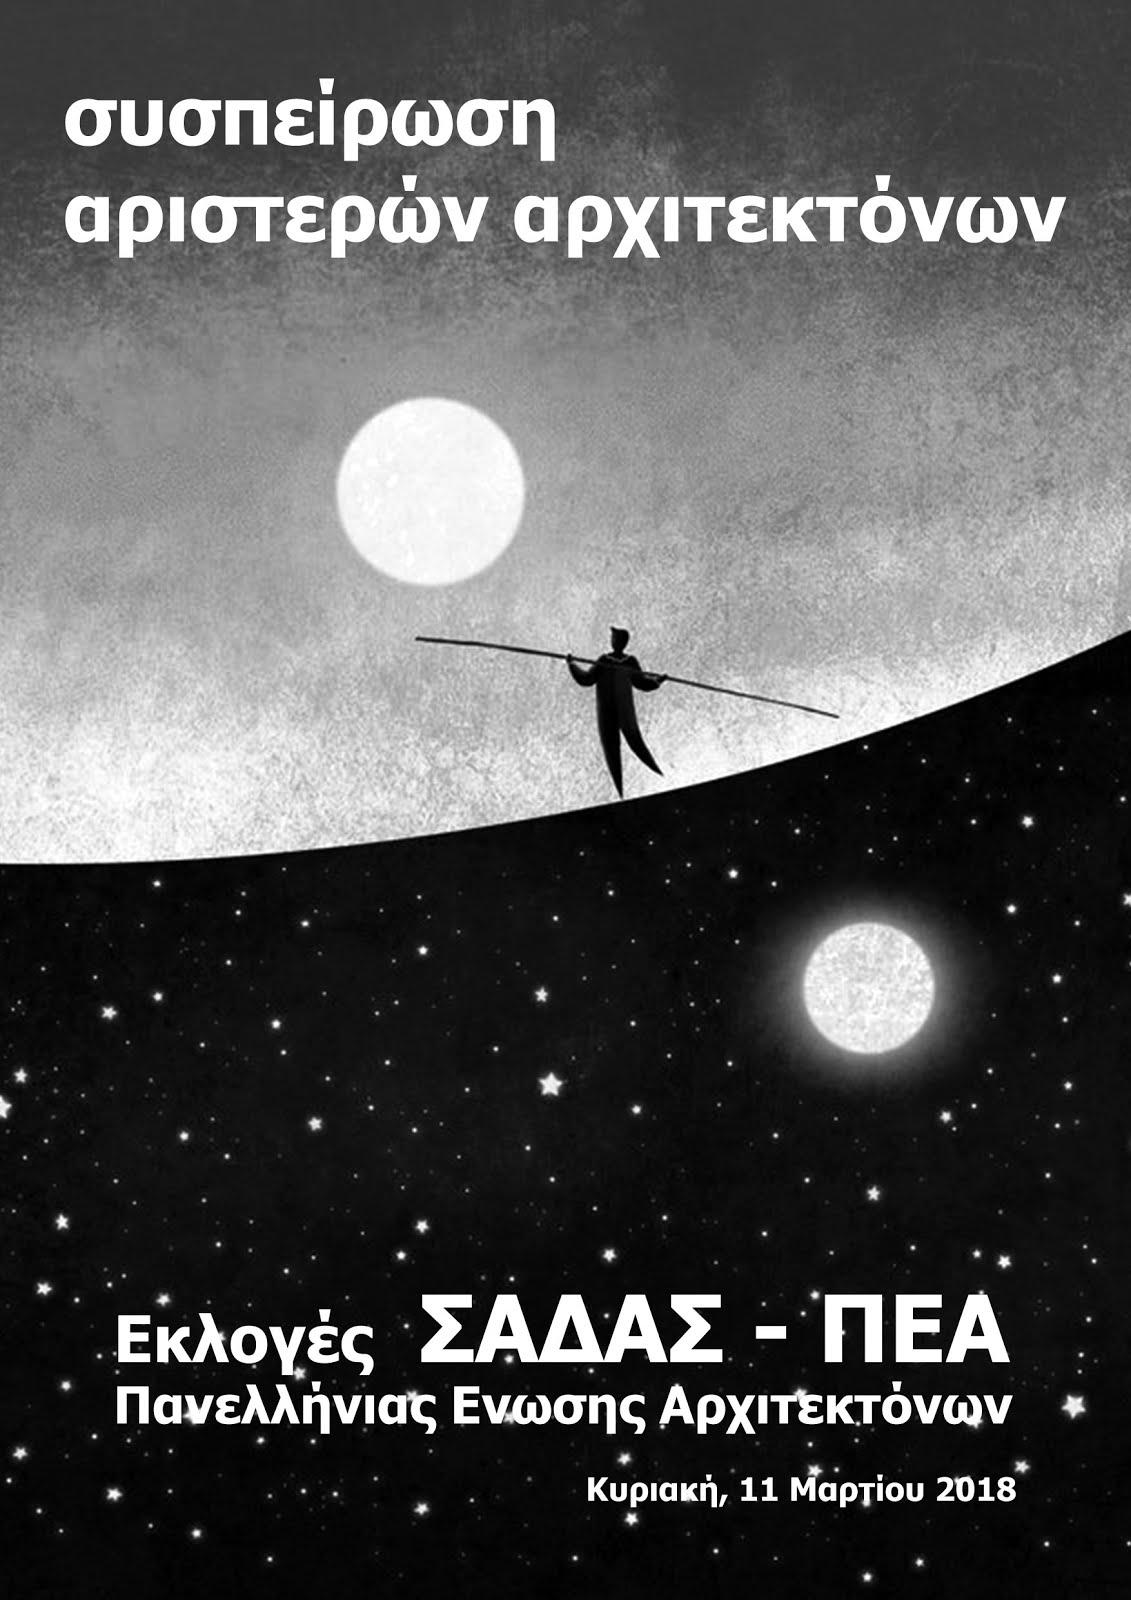 Η εκλογική διακήρυξη και η αφίσα της συσπείρωσης αριστερών αρχιτεκτόνων